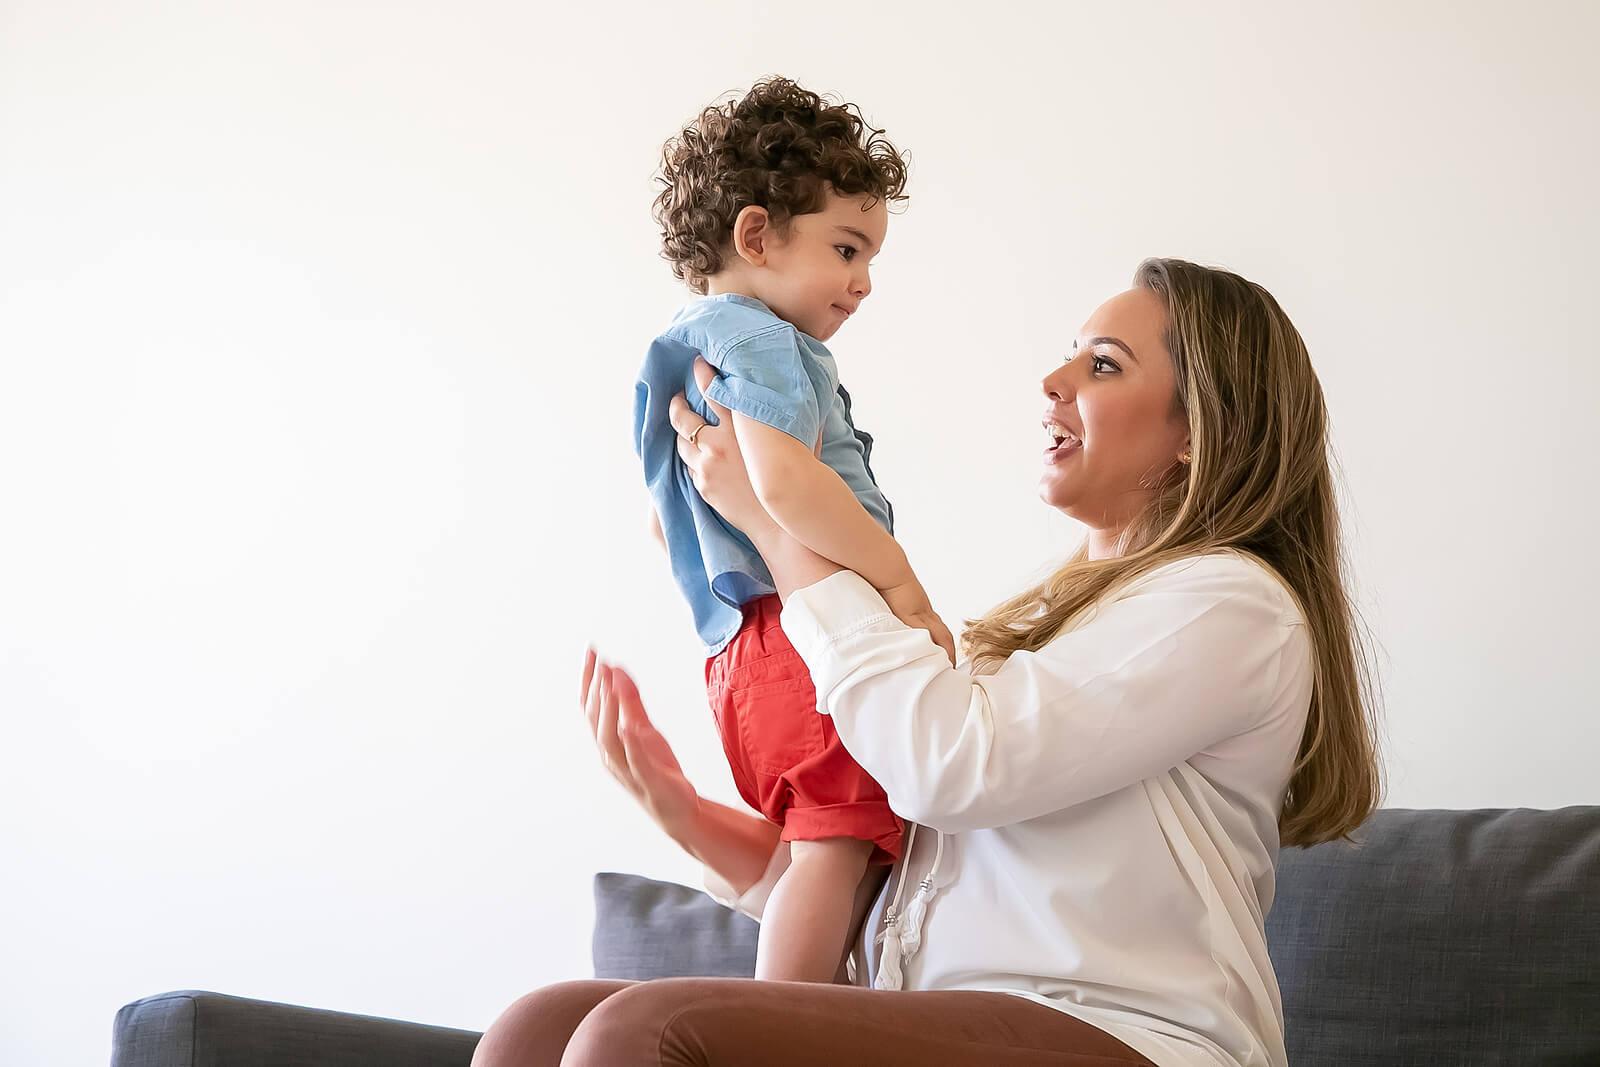 Madre aprendiendo a usar con su hijo la escucha empática.